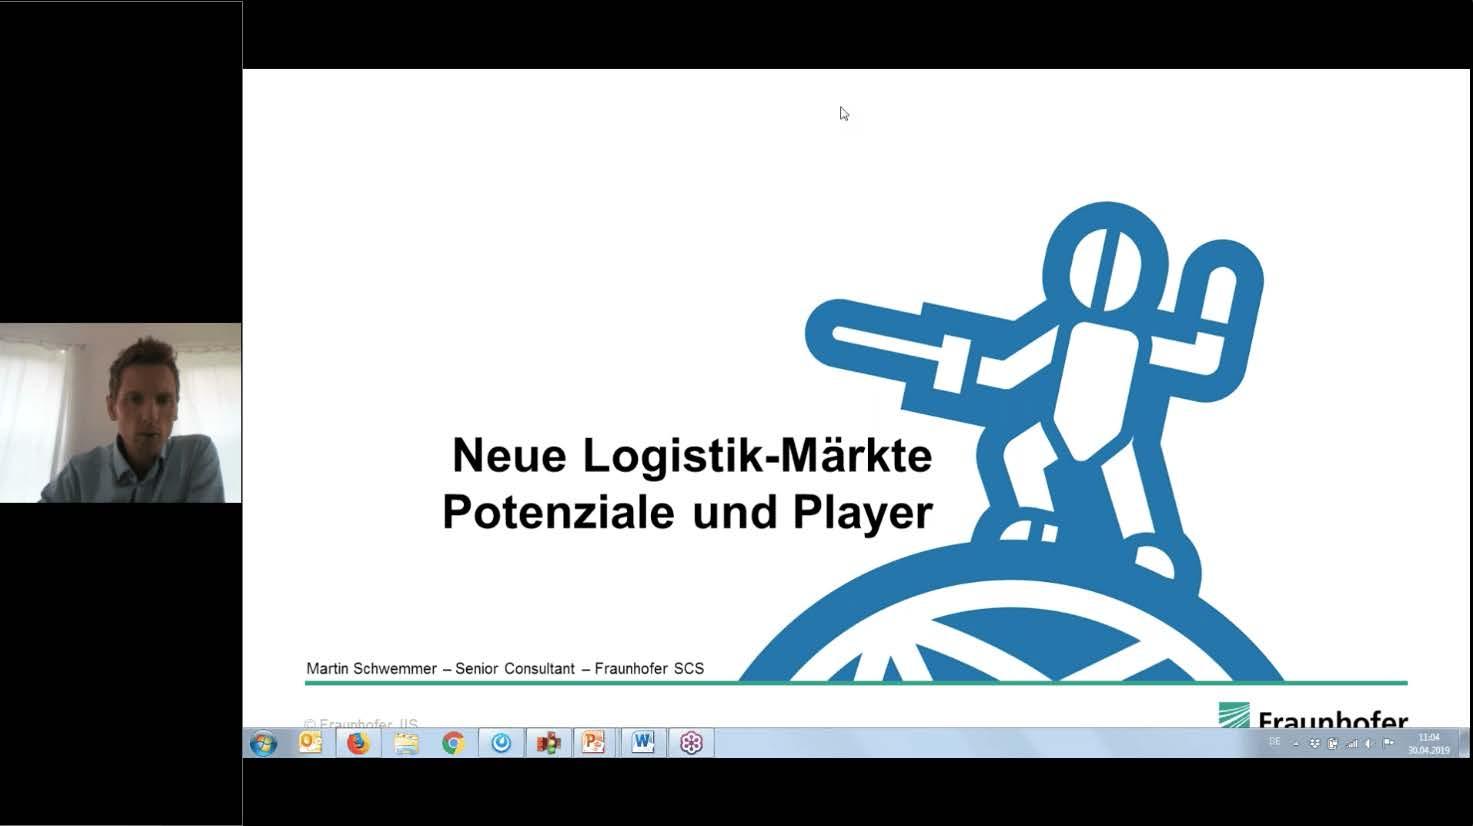 Neue Logistik-Märkte: Potenziale und Player